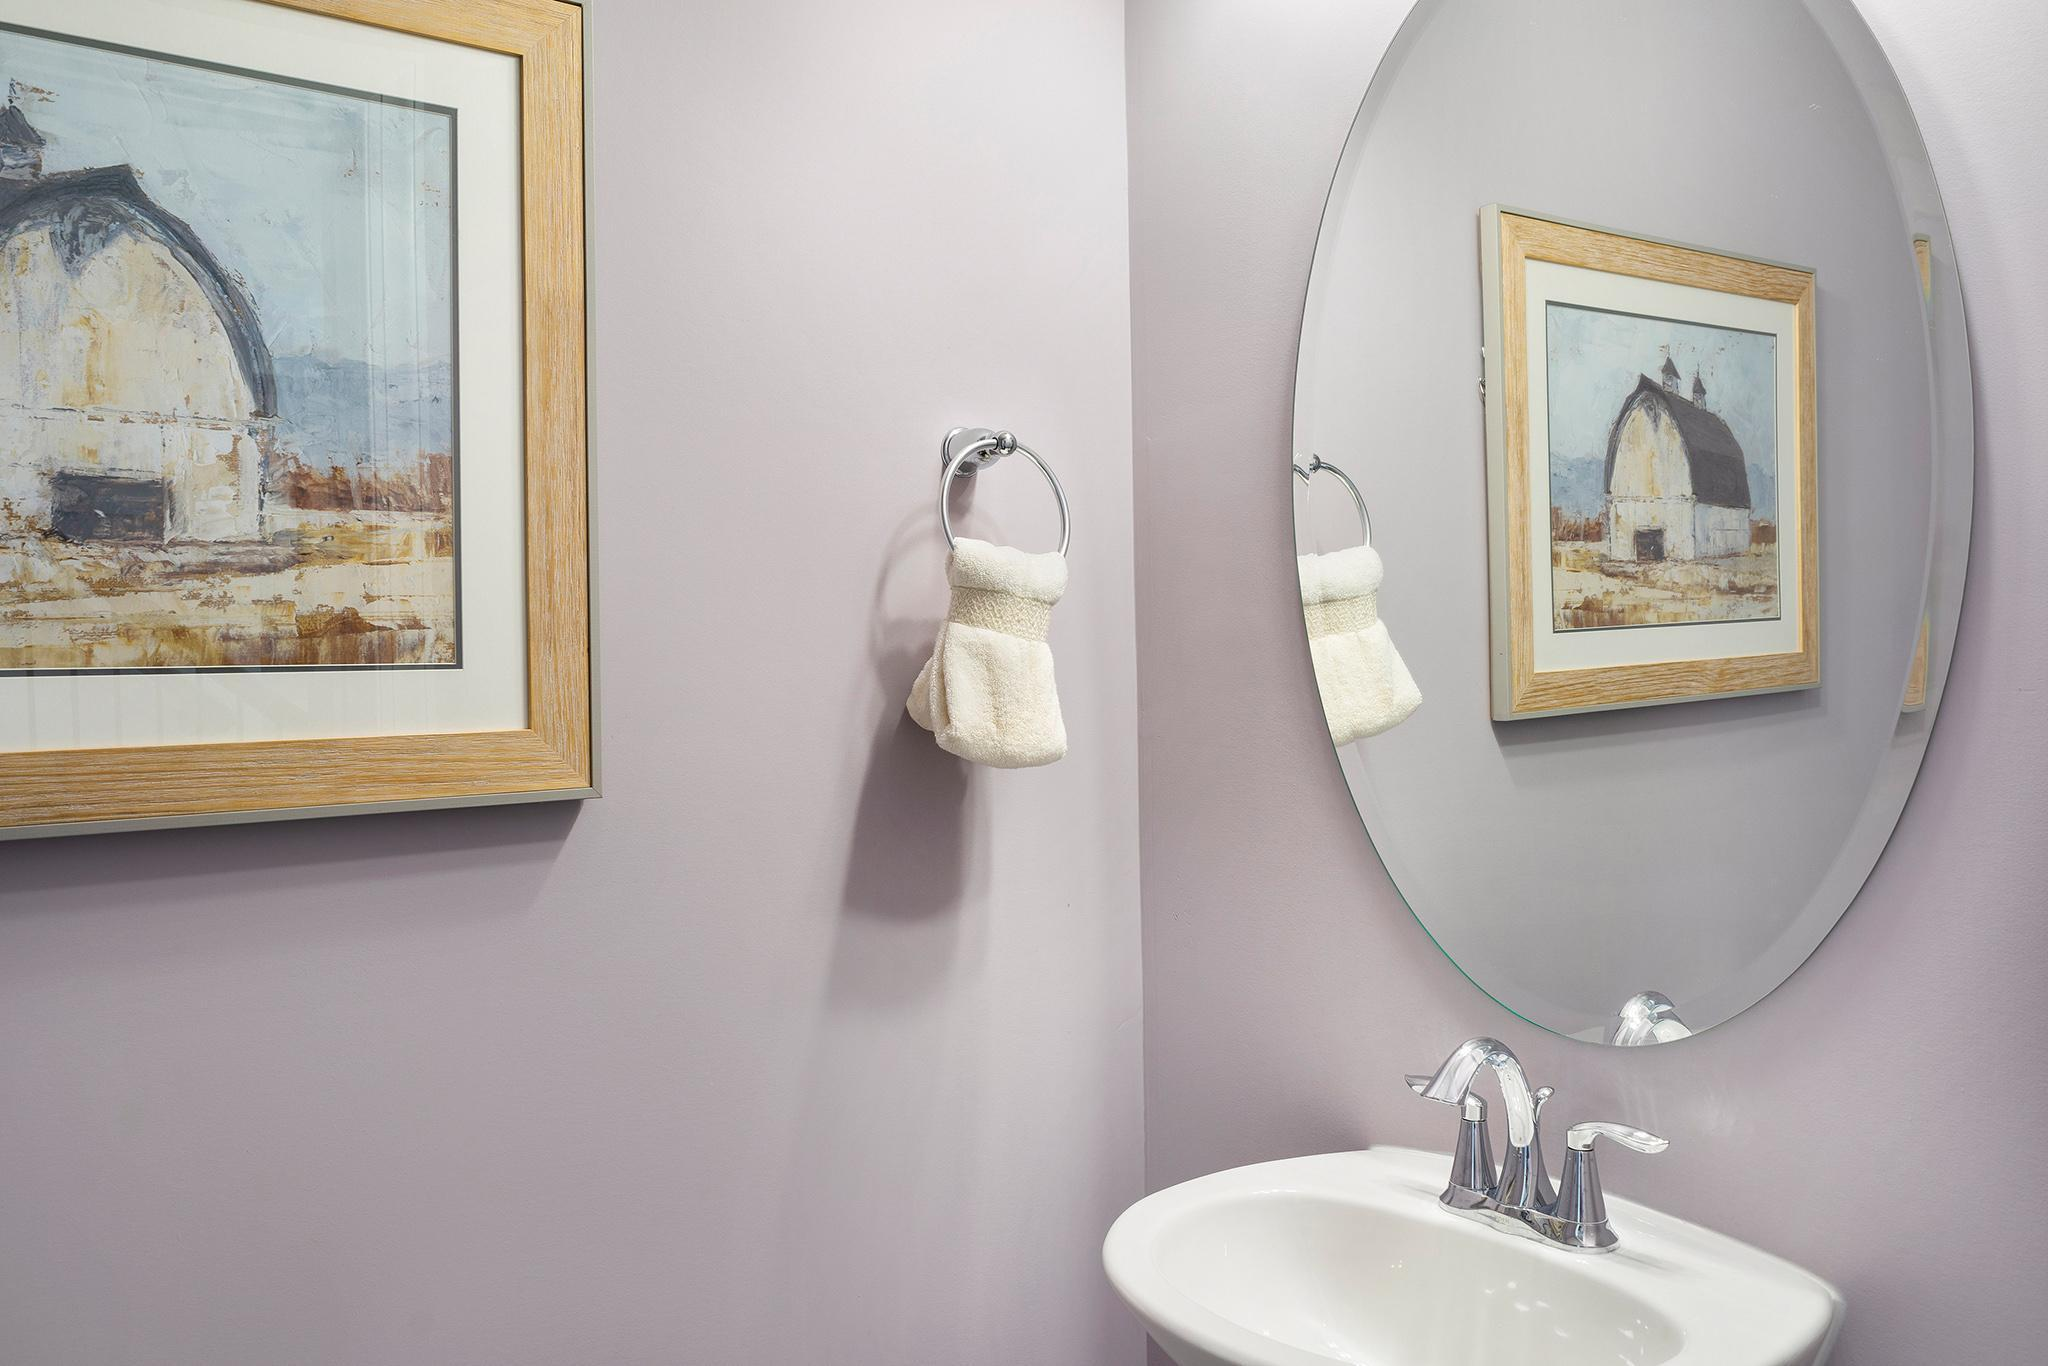 Bathroom-in-The Edenton-at-Fairview Park-in-Apex